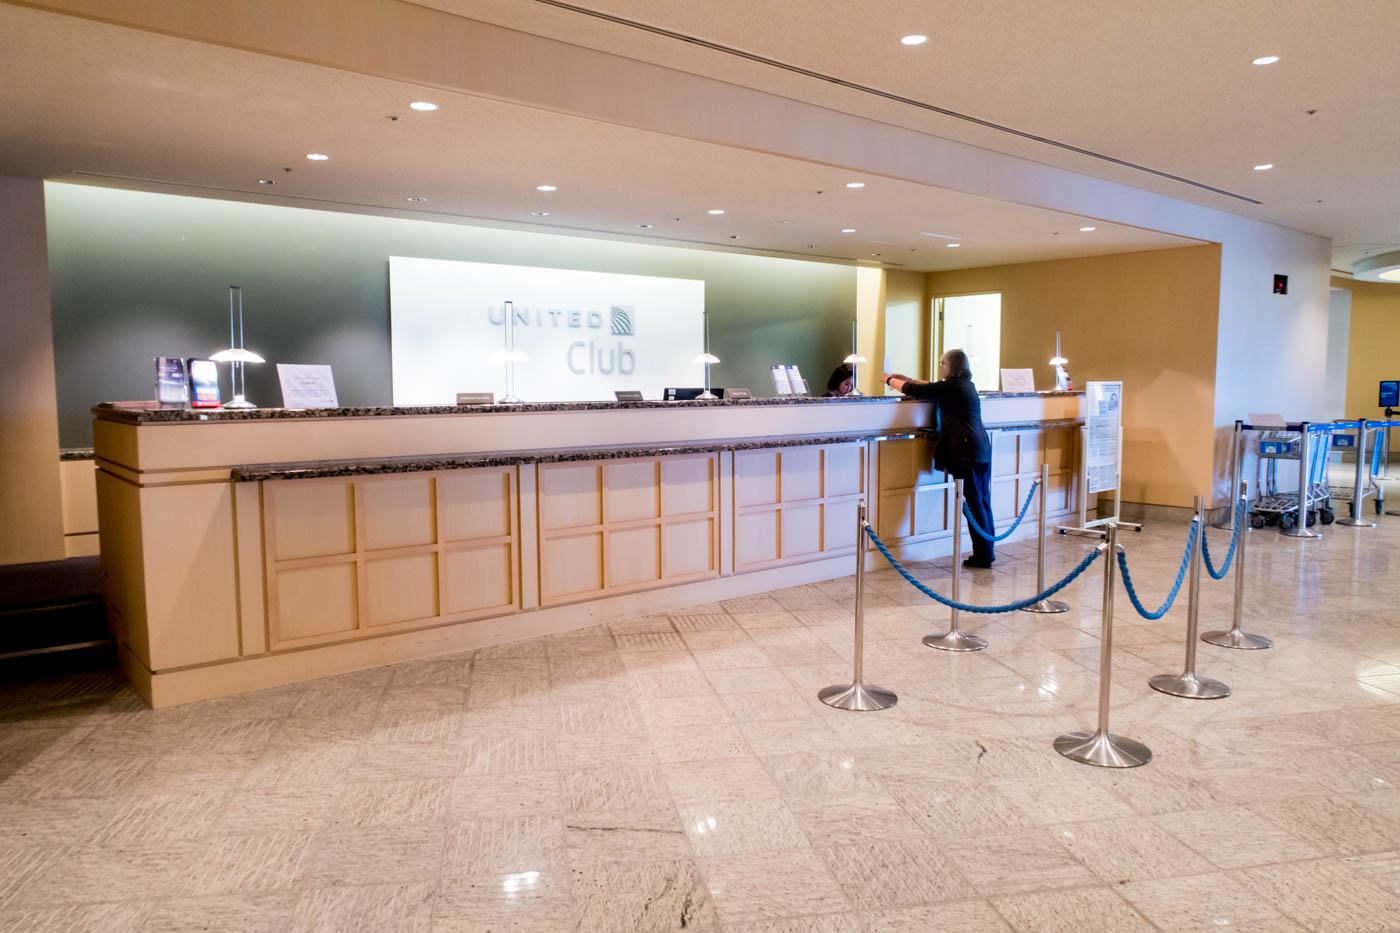 United Club Tokyo Narita Service Desk